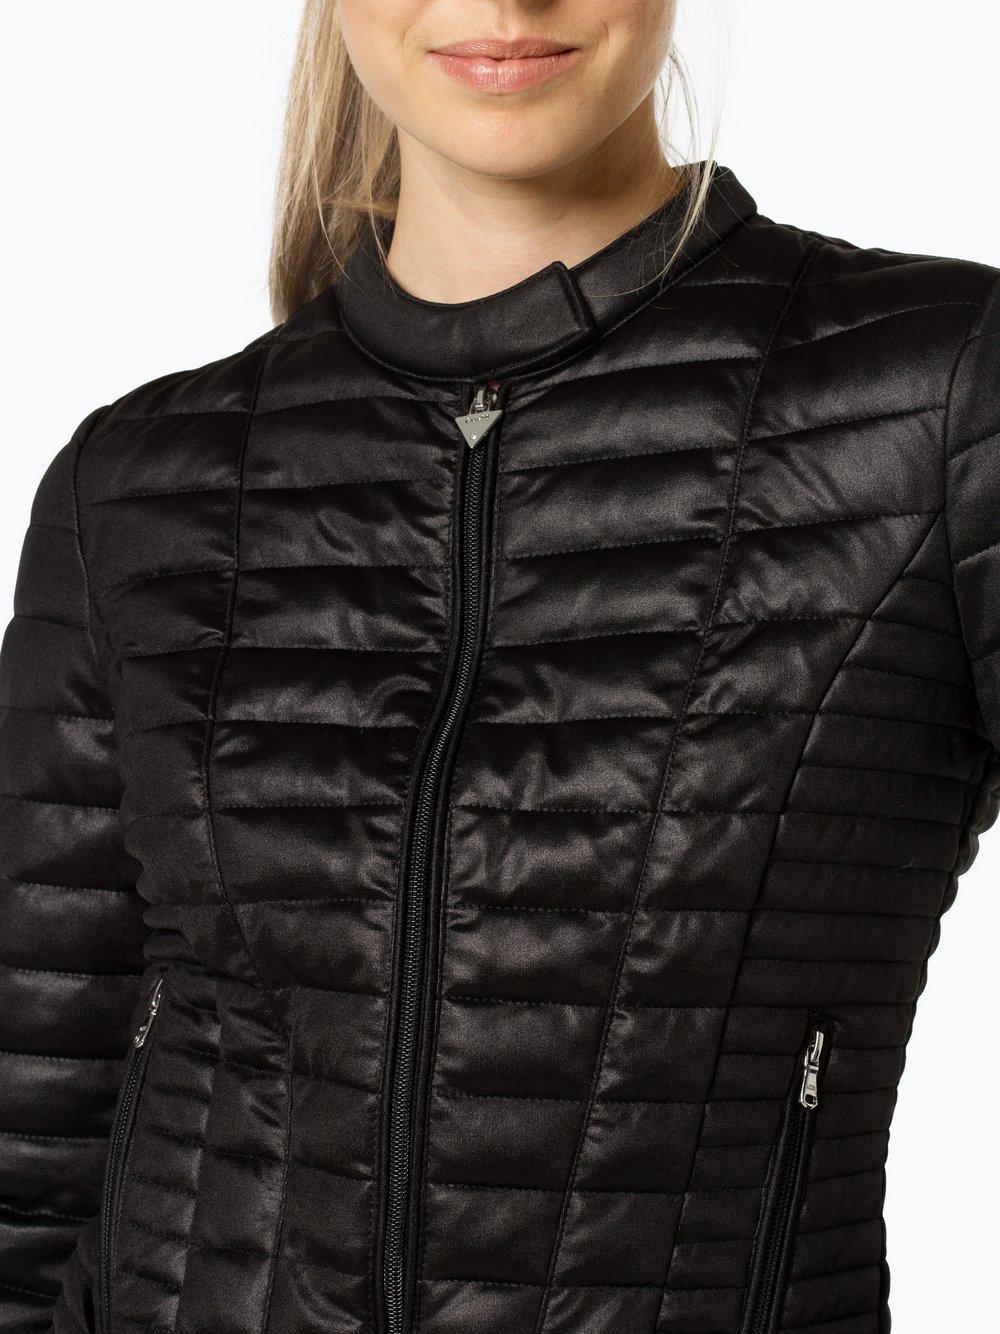 Damska kurtka pikowana Guess Pikowane kurtki damskie czarne w van Graaf